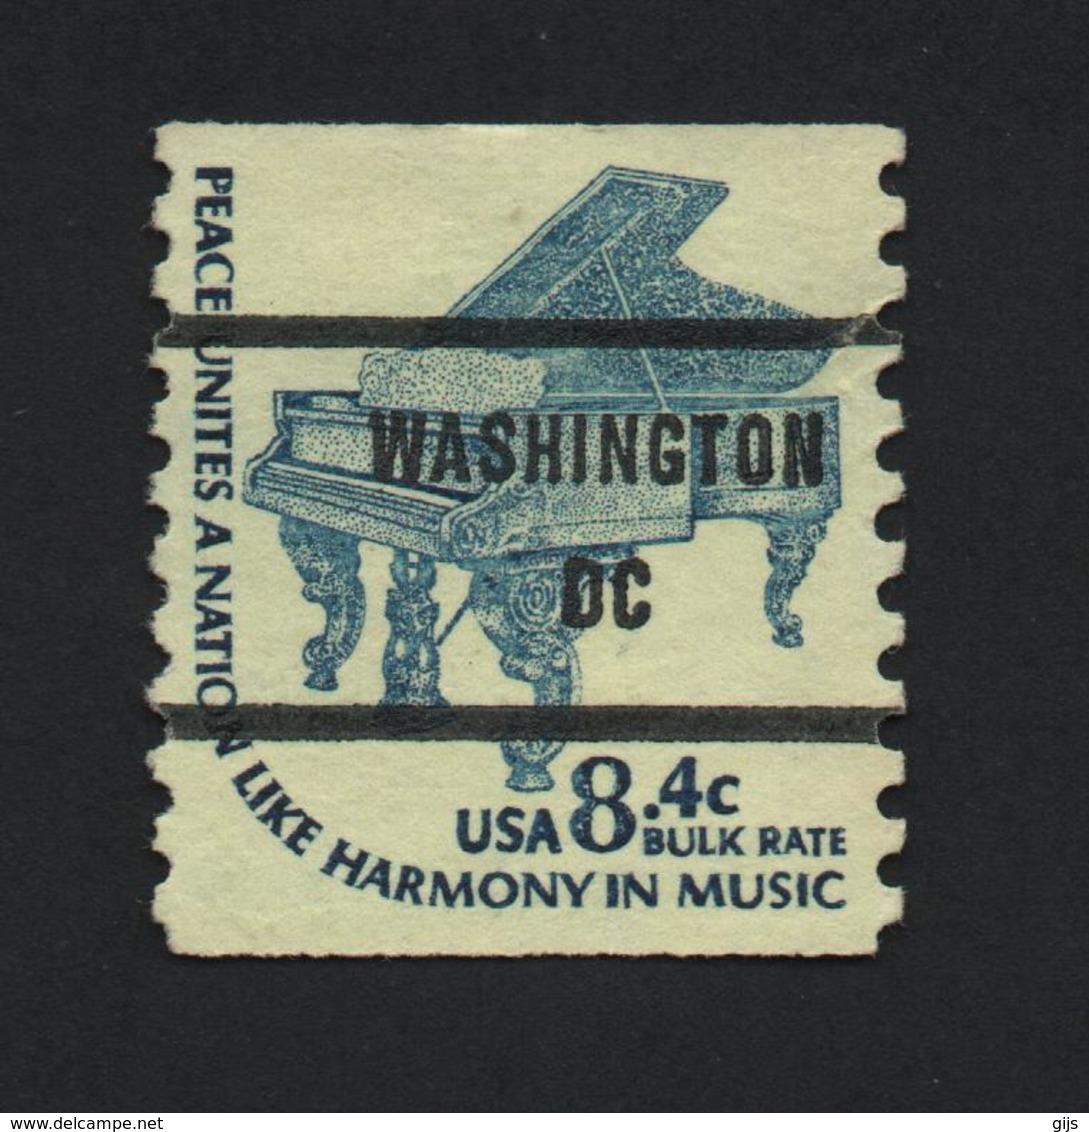 USA 1251 SCOTT 1615C WASHINGTON DC - Prematasellado